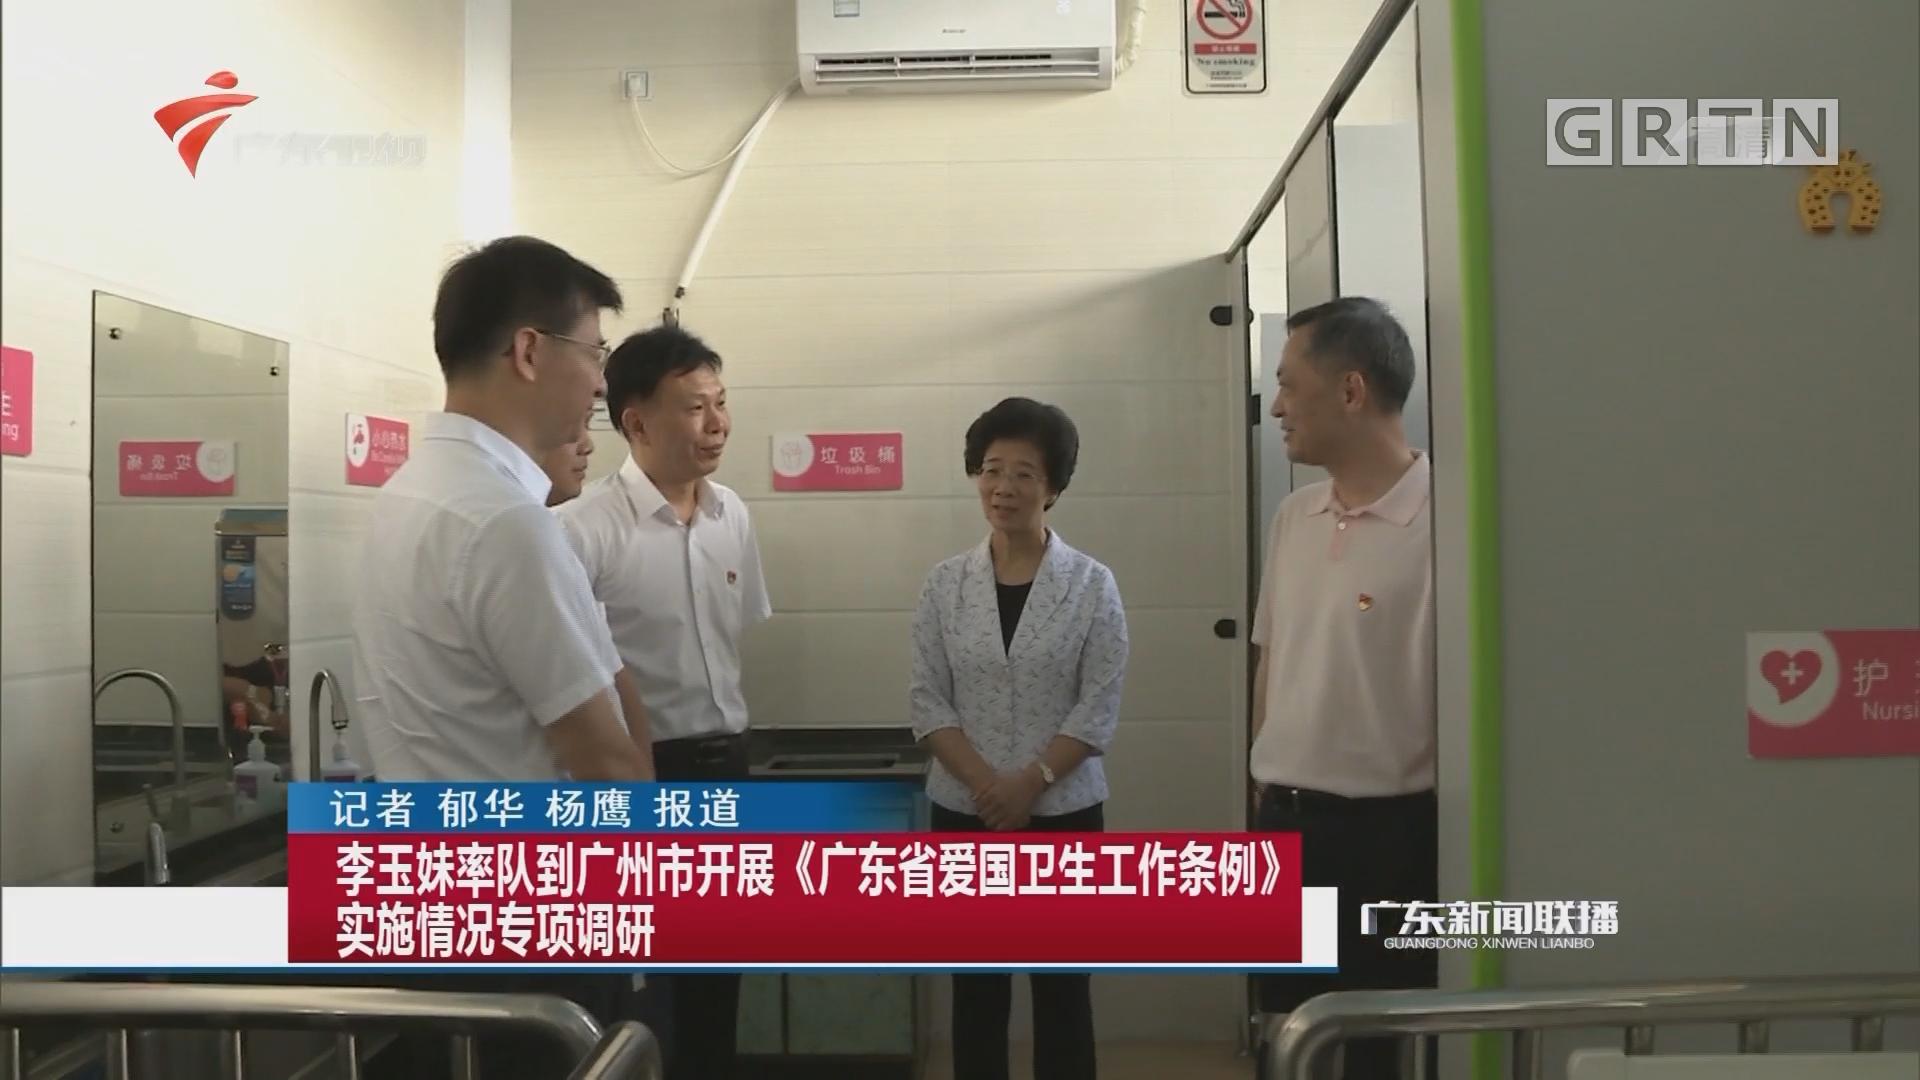 李玉妹率队到广州市开展《广东省爱国卫生工作条例》实施情况专项调研